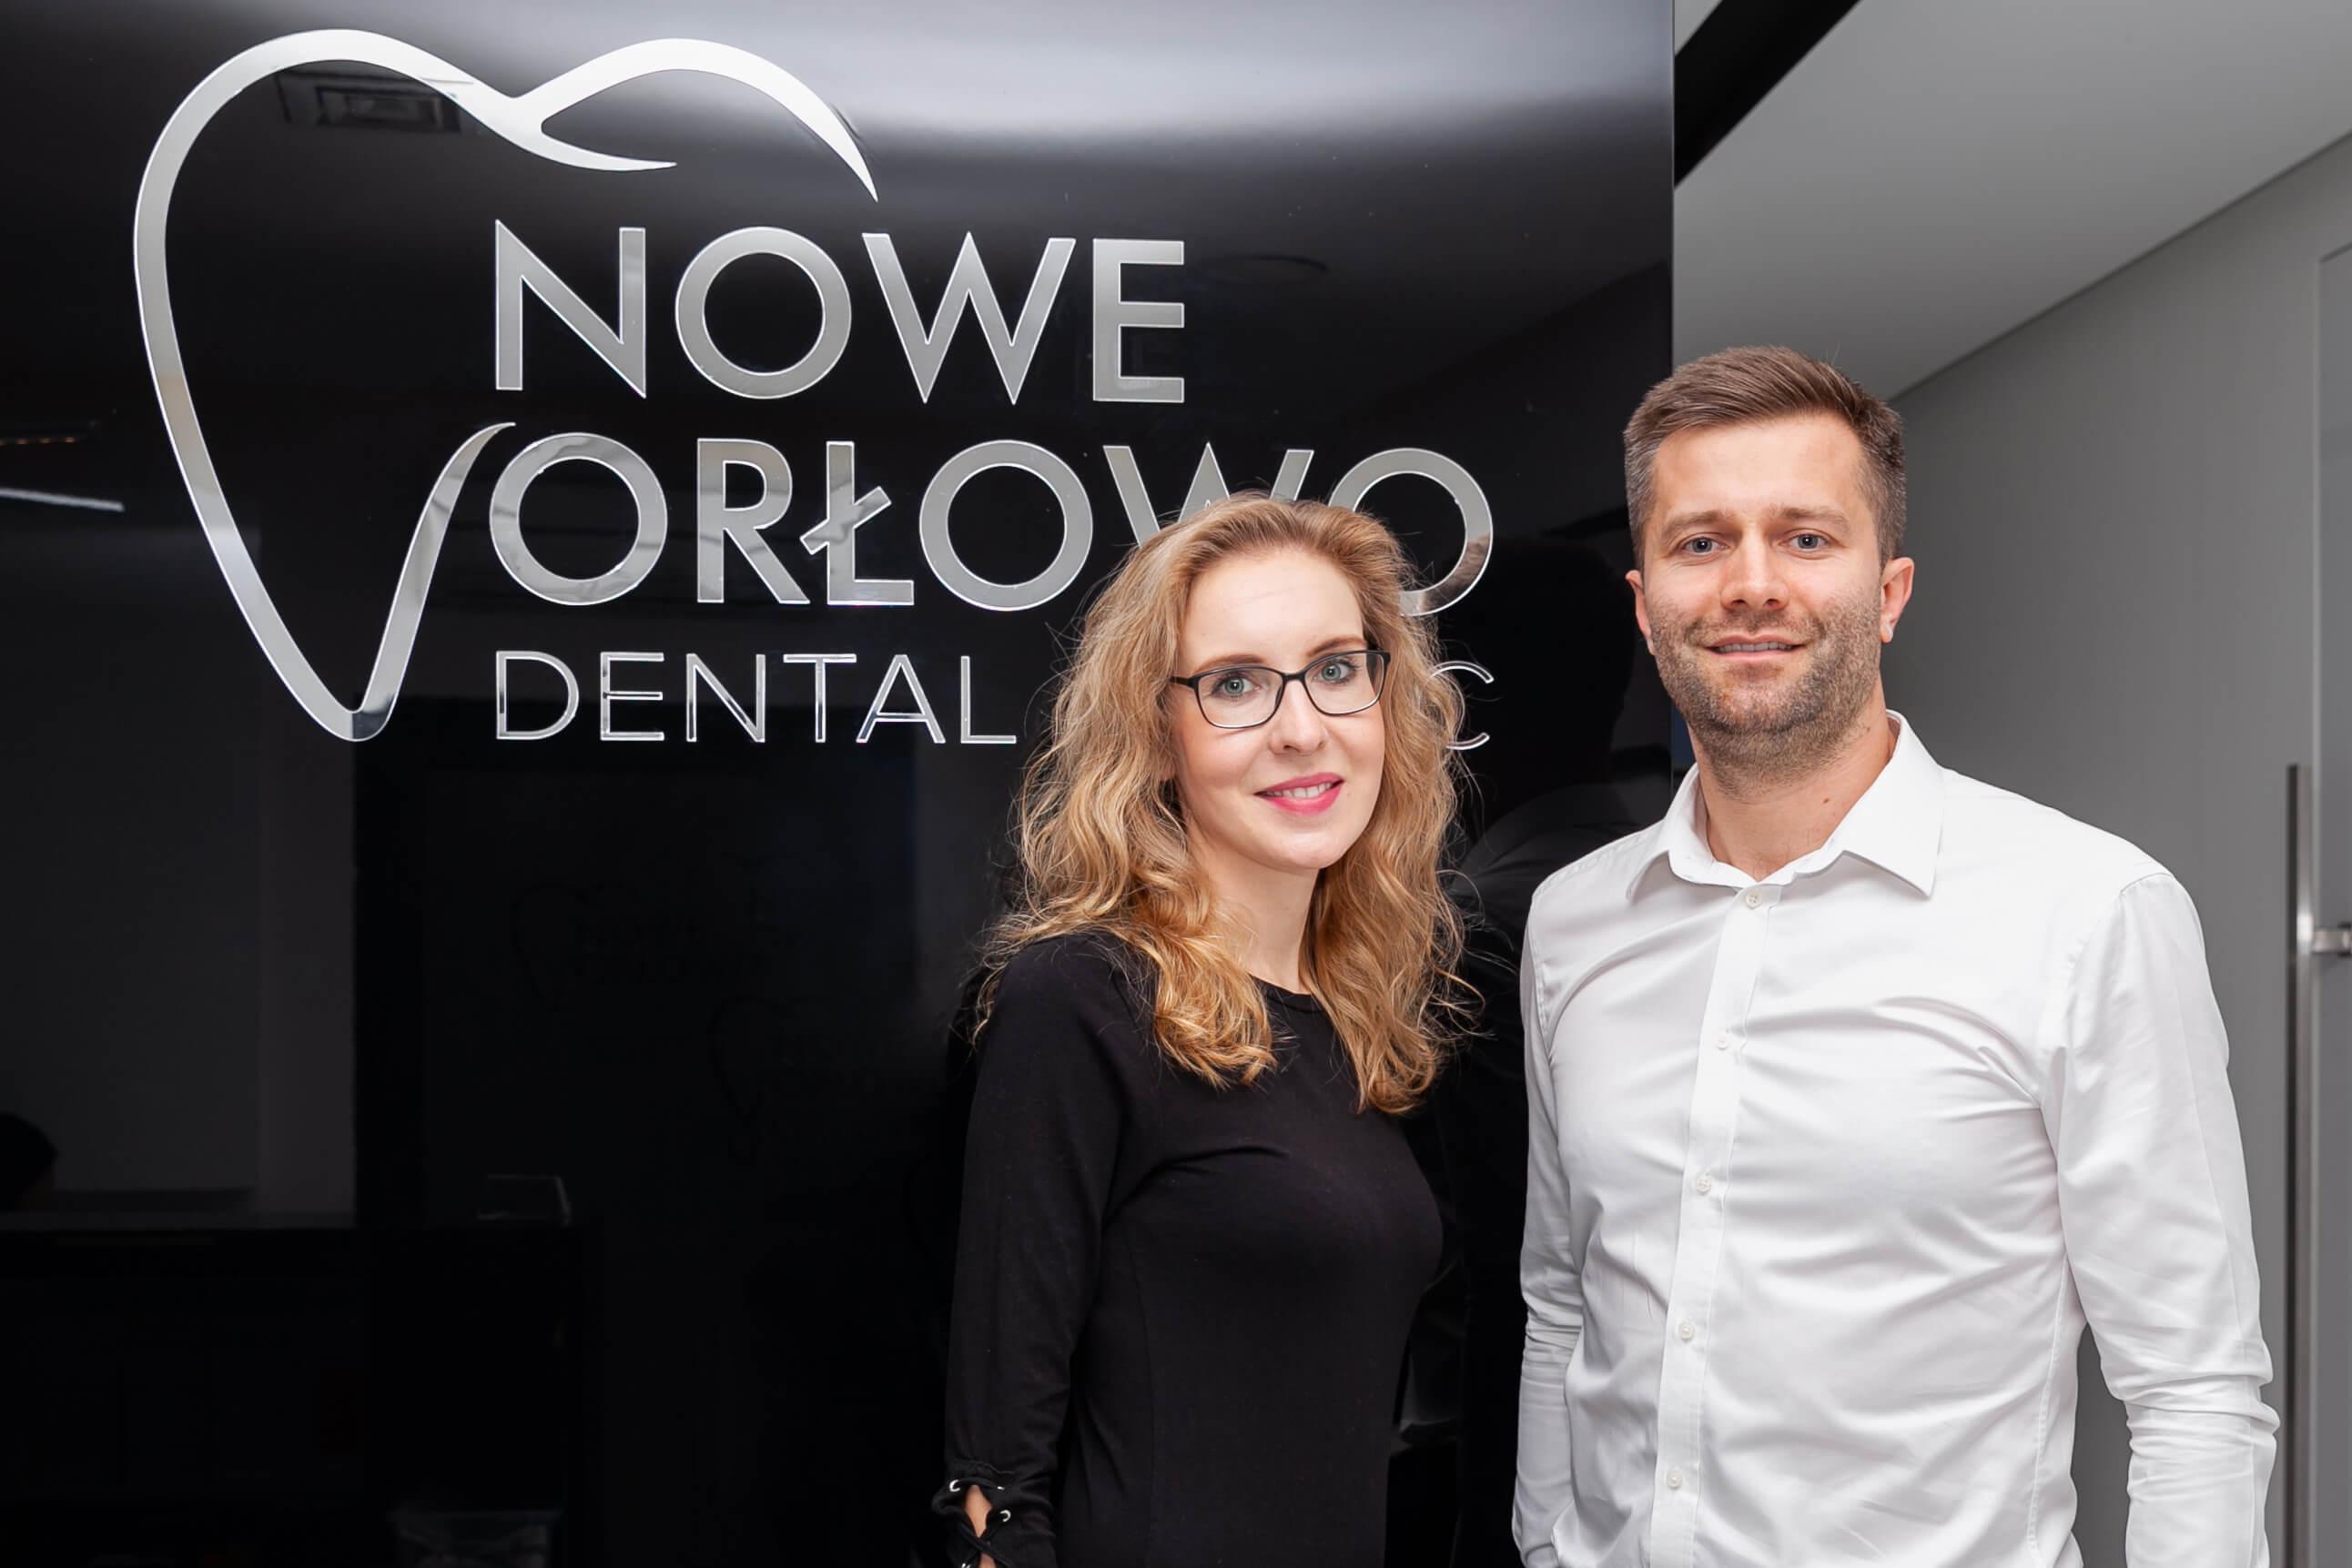 Nowe Orłowo Dental clinic 12 - Nowe Orłowo Dental Clinic – klinika godna zaufania